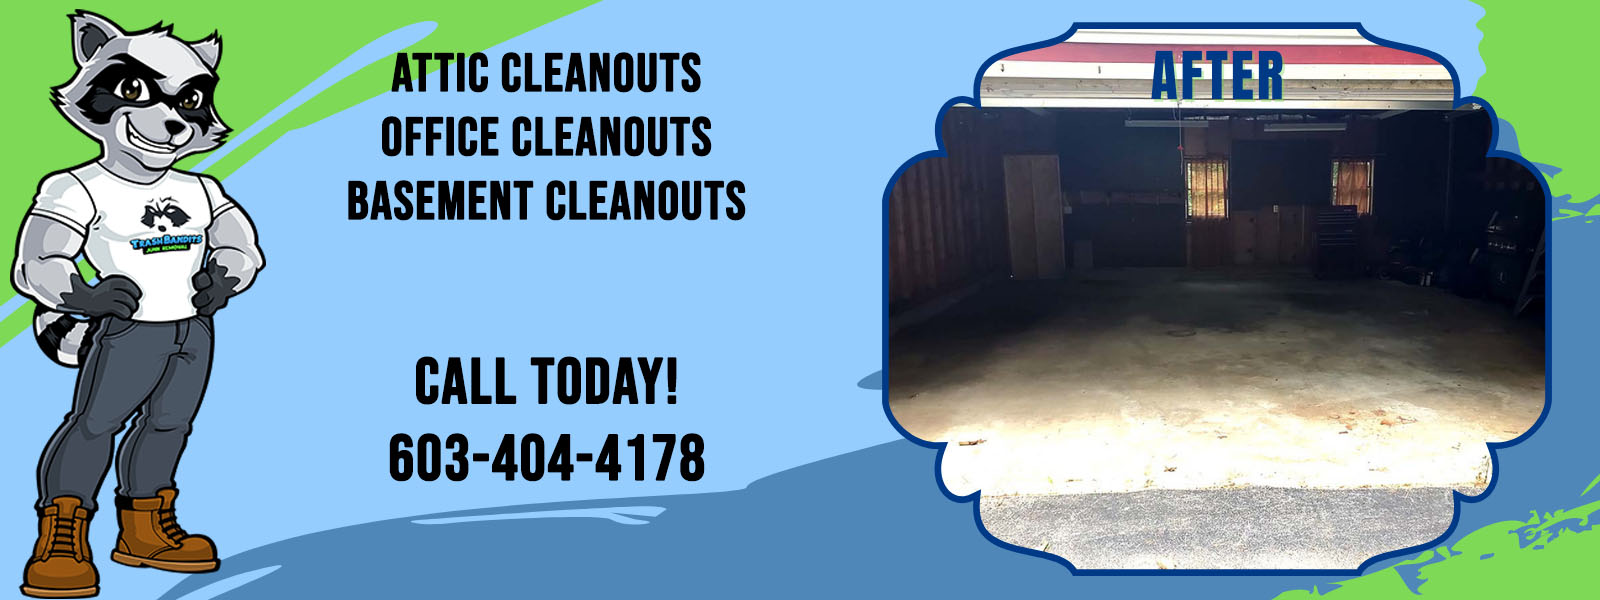 Attic Cleanouts, Office Cleanouts, Basement Cleanouts